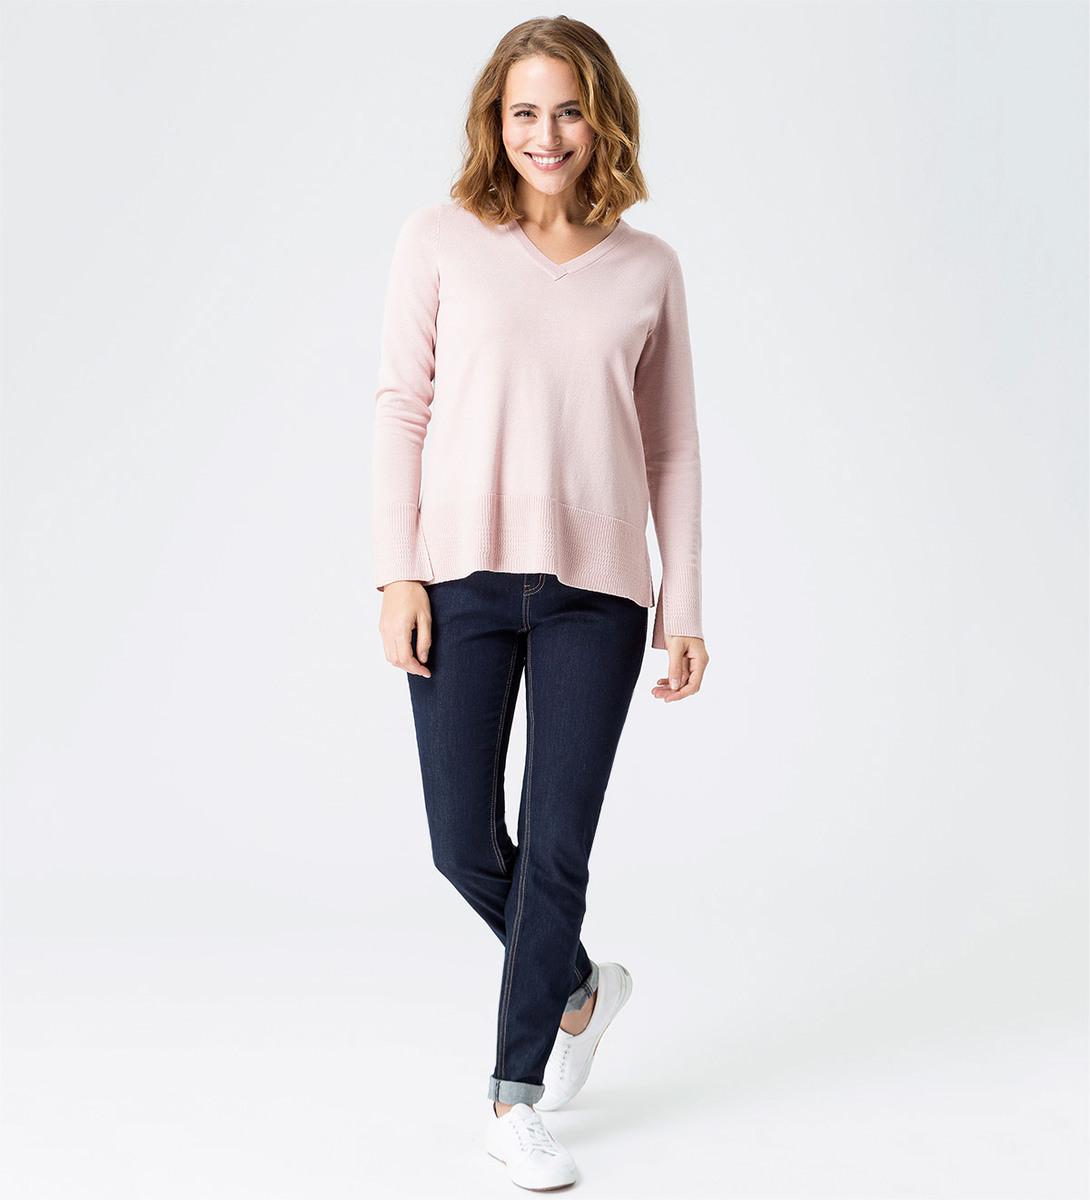 Pullover in feiner Strickqualität in rose parfait